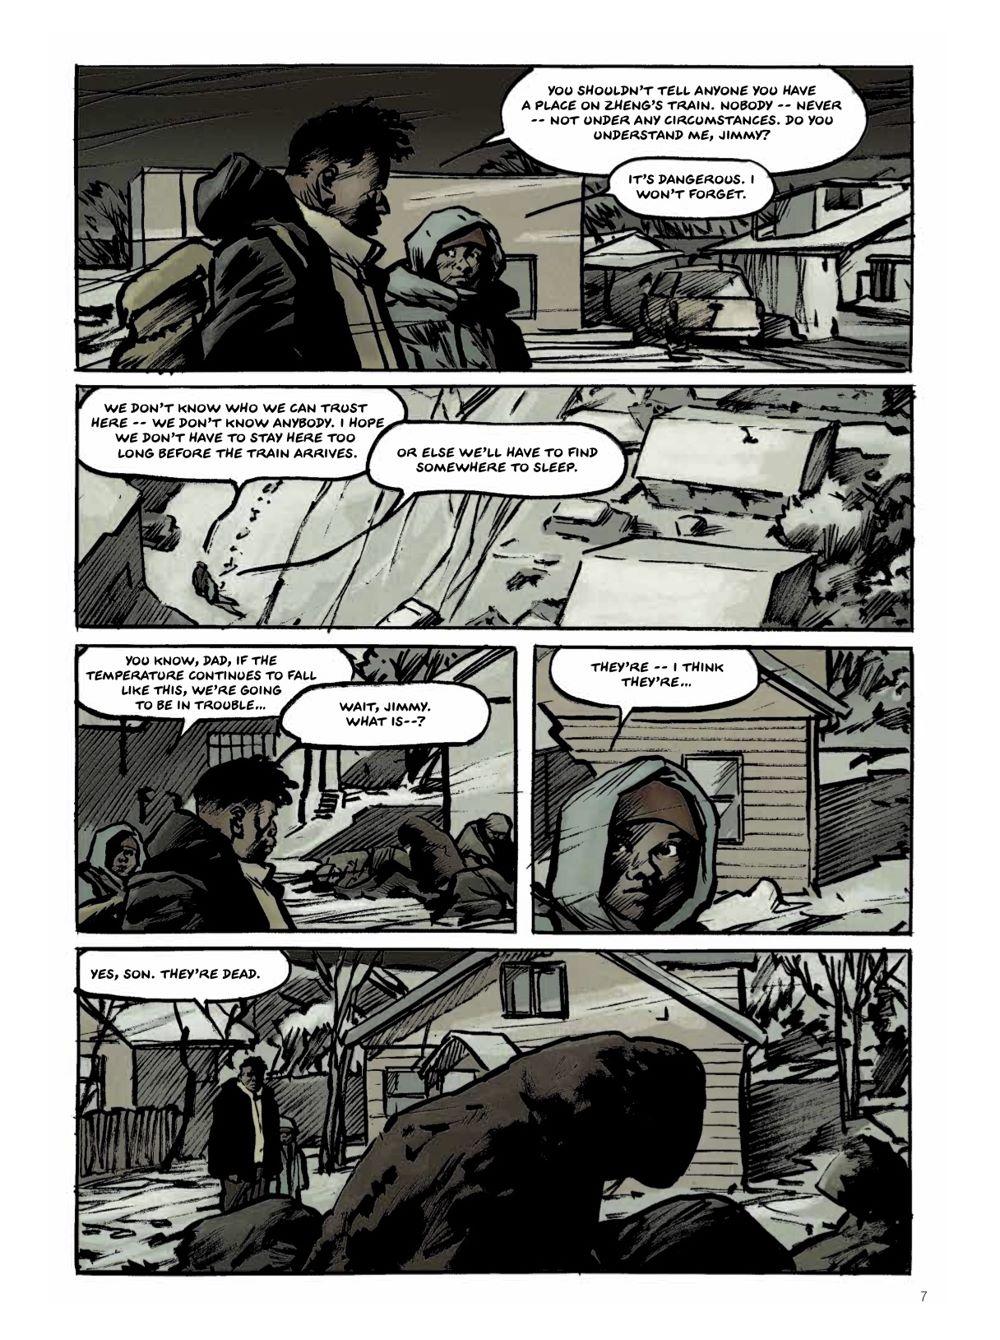 Snowpiercer-Prequel-Vol.-2-Page-2 ComicList Previews: SNOWPIERCER THE PREQUEL VOLUME 2 APOCALYPSE GN